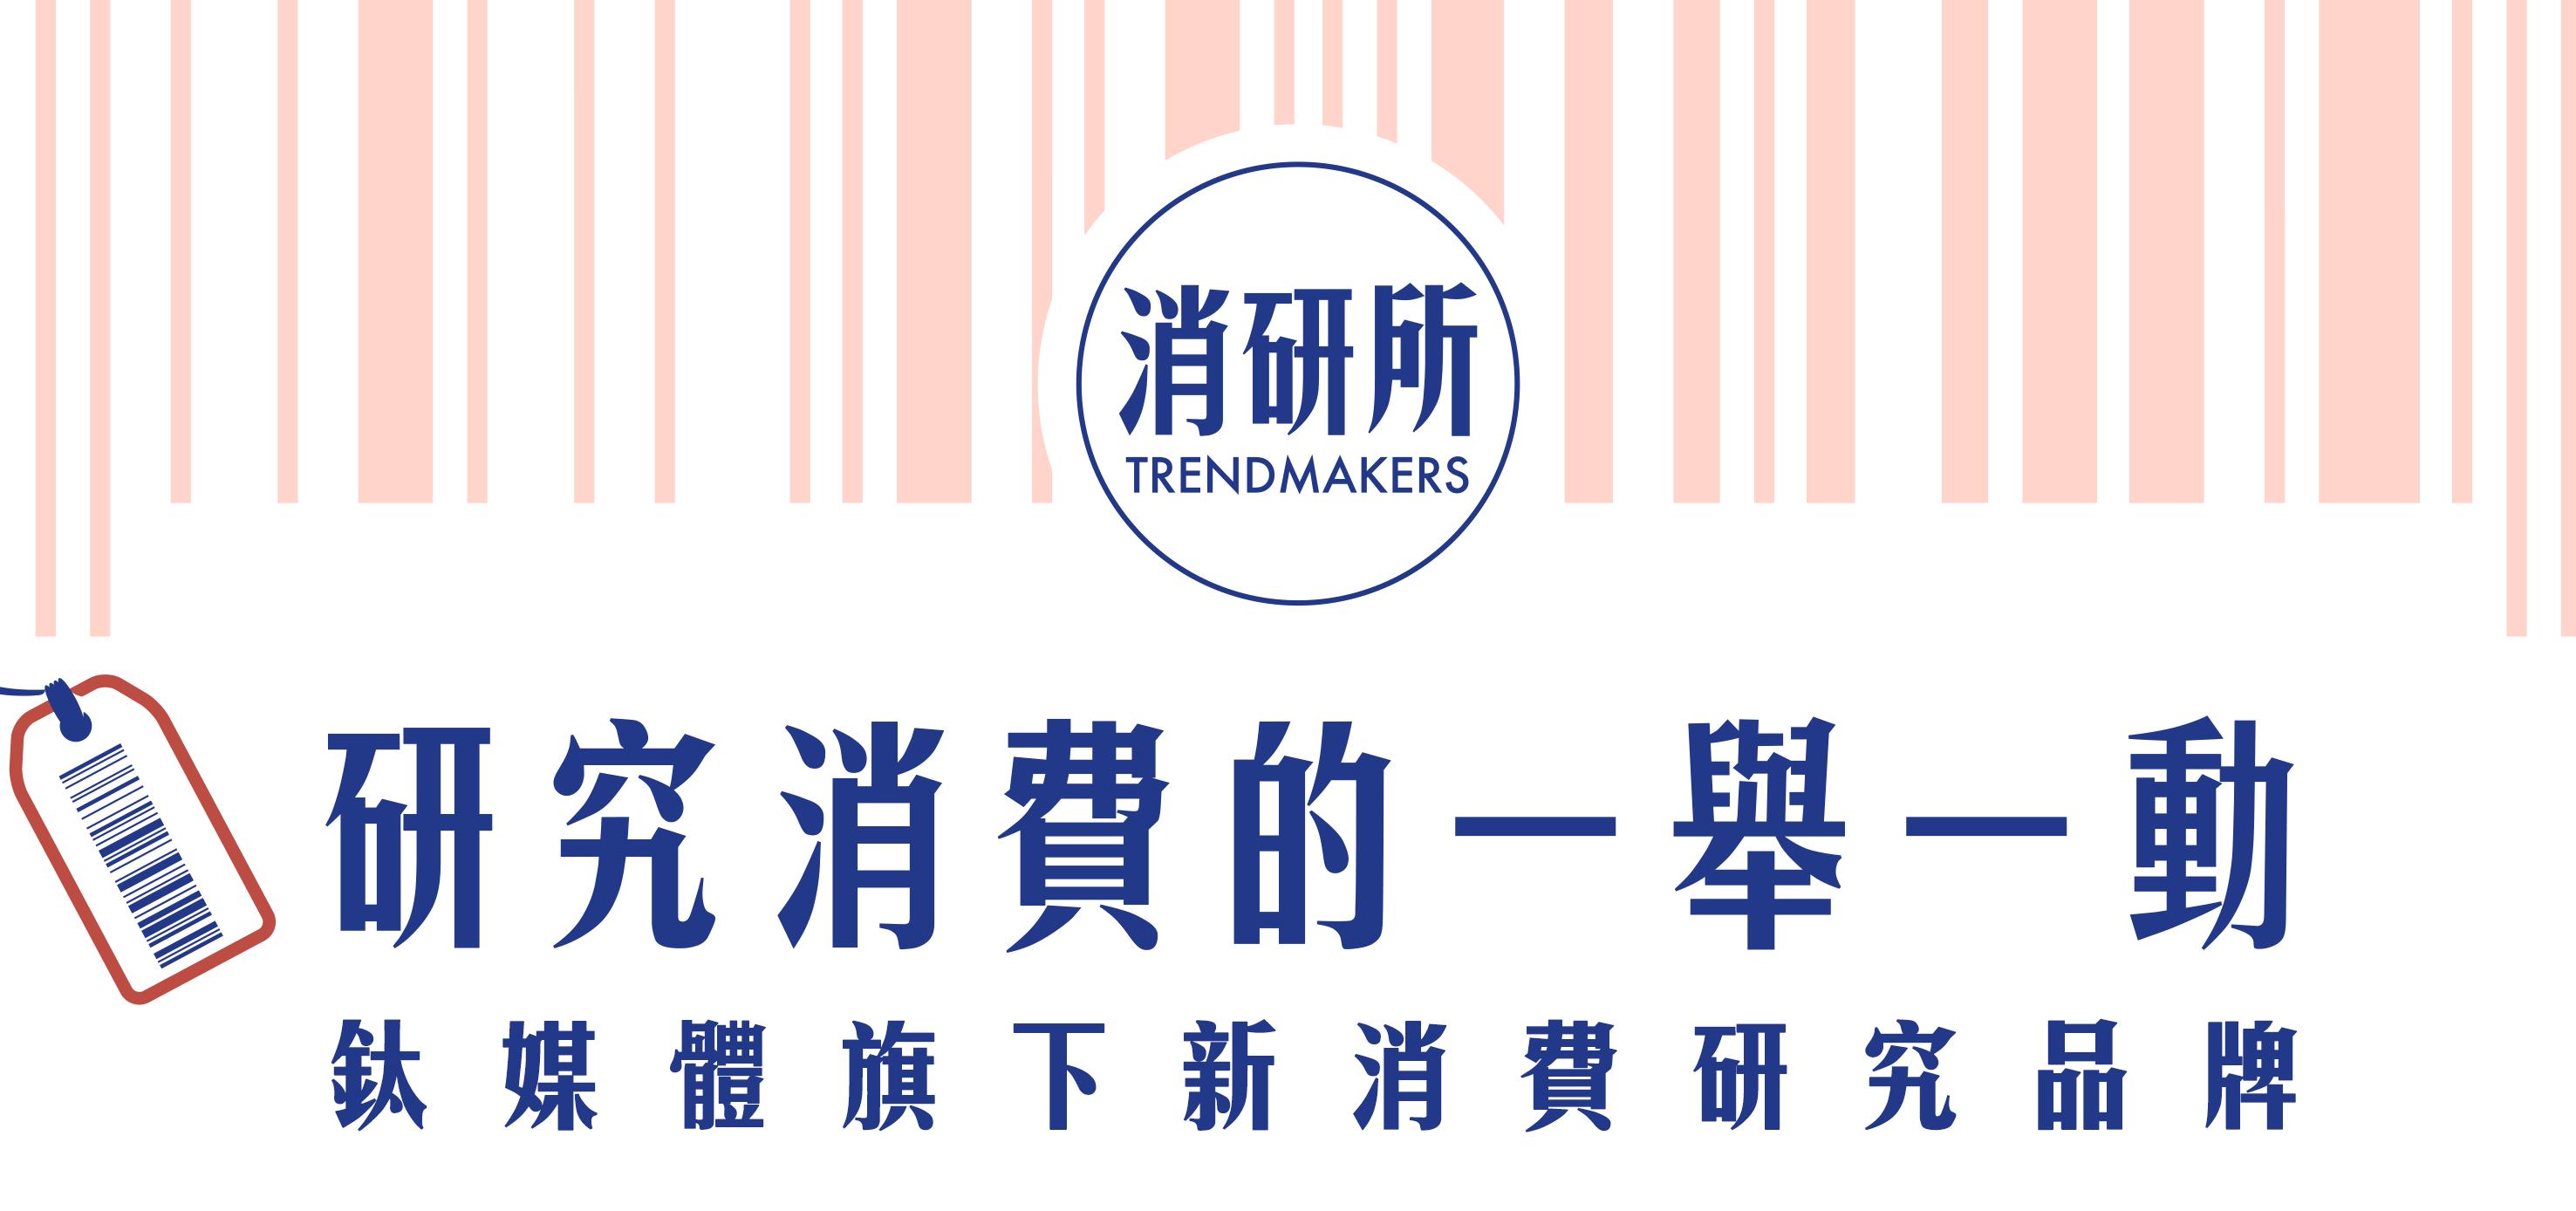 Nike、华为推出情人节联名;有赞商家开店活跃;小红书企业号开通直播   消研所周报